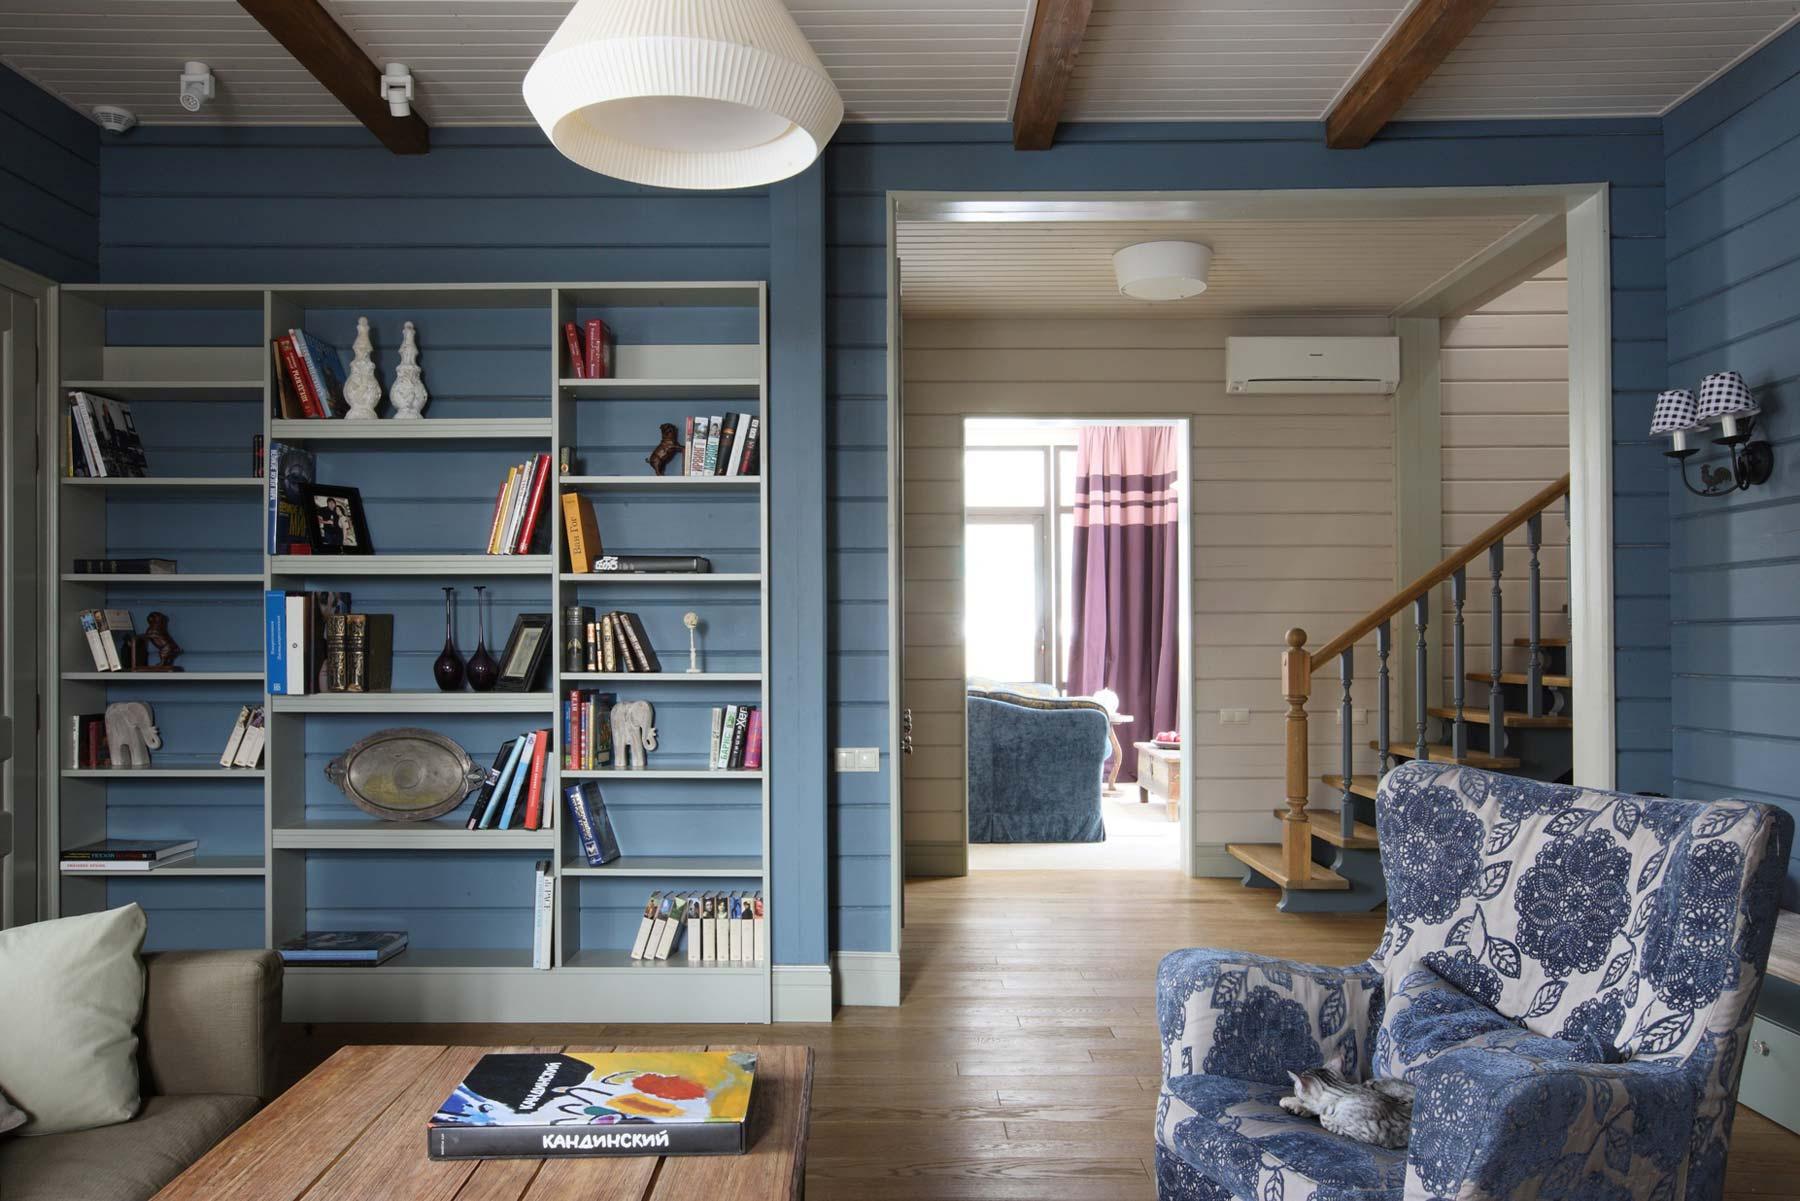 примеры покраски деревянных домов внутри фото еще